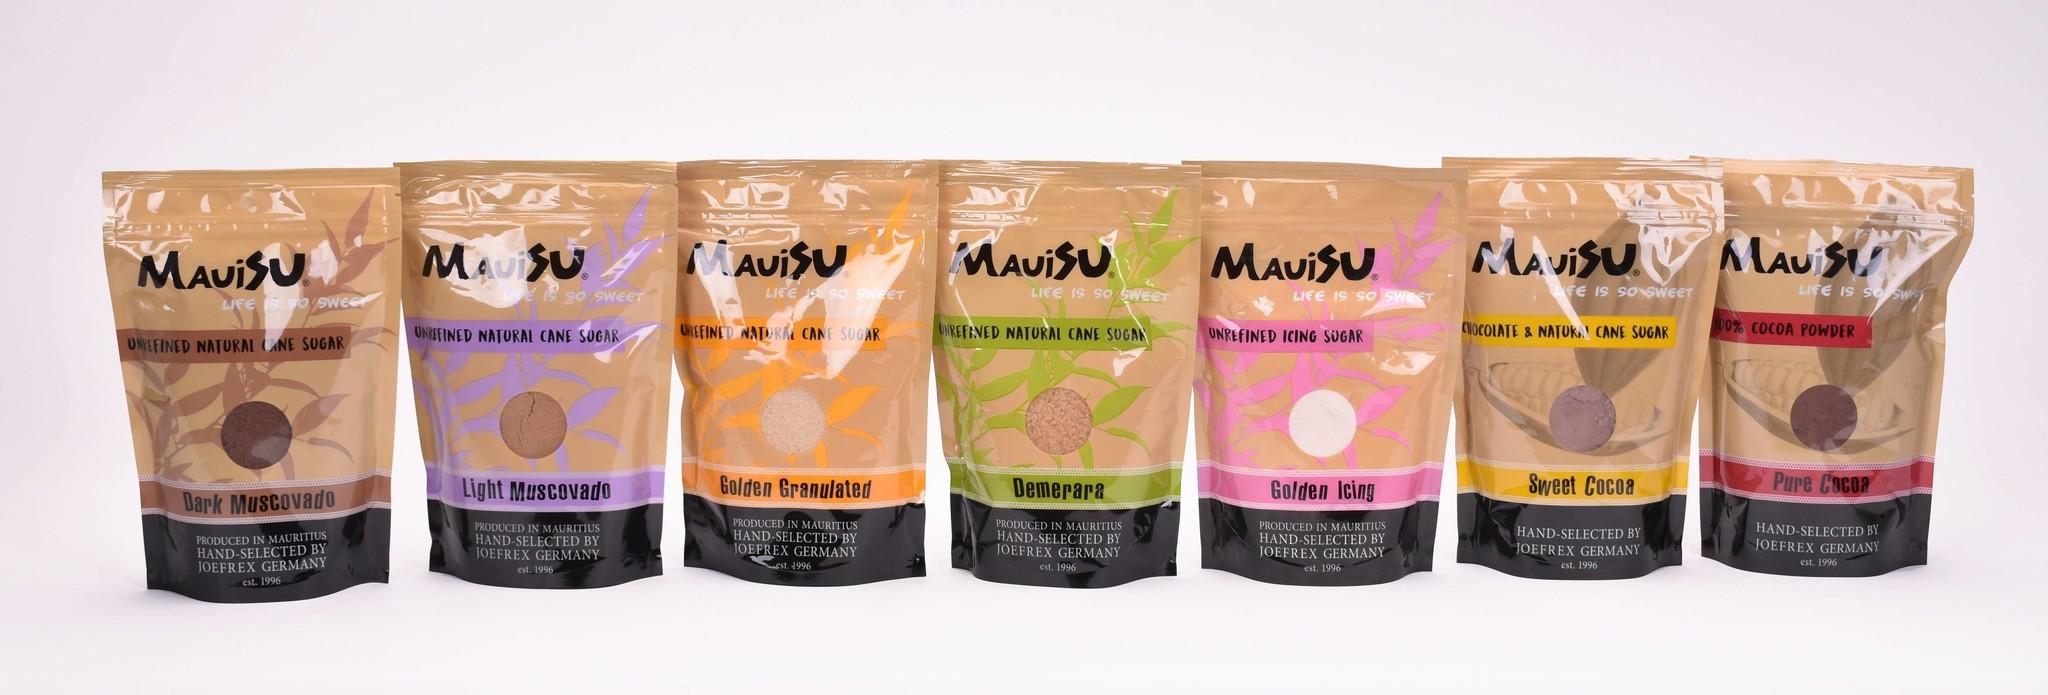 MauiSU Sugar & Cocoa